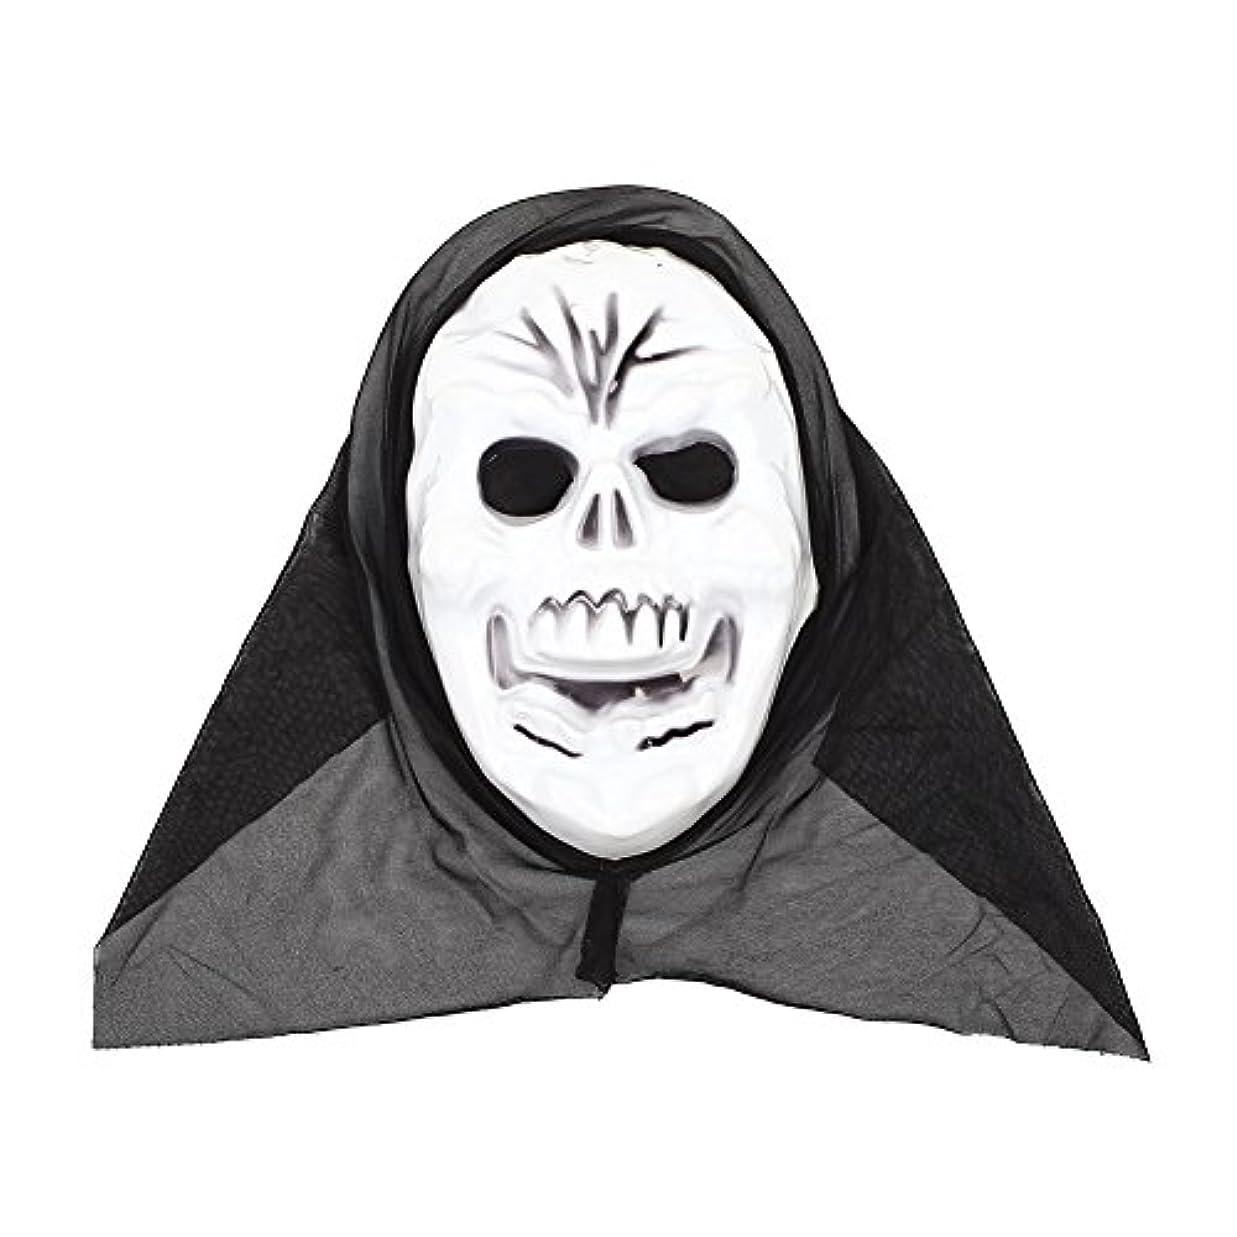 コンパニオン収容する遠征Auntwhale ハロウィンマスク大人恐怖コスチューム、スクリームファンシーマスカレードパーティーハロウィンマスク、フェスティバル通気性ギフトヘッドマスク